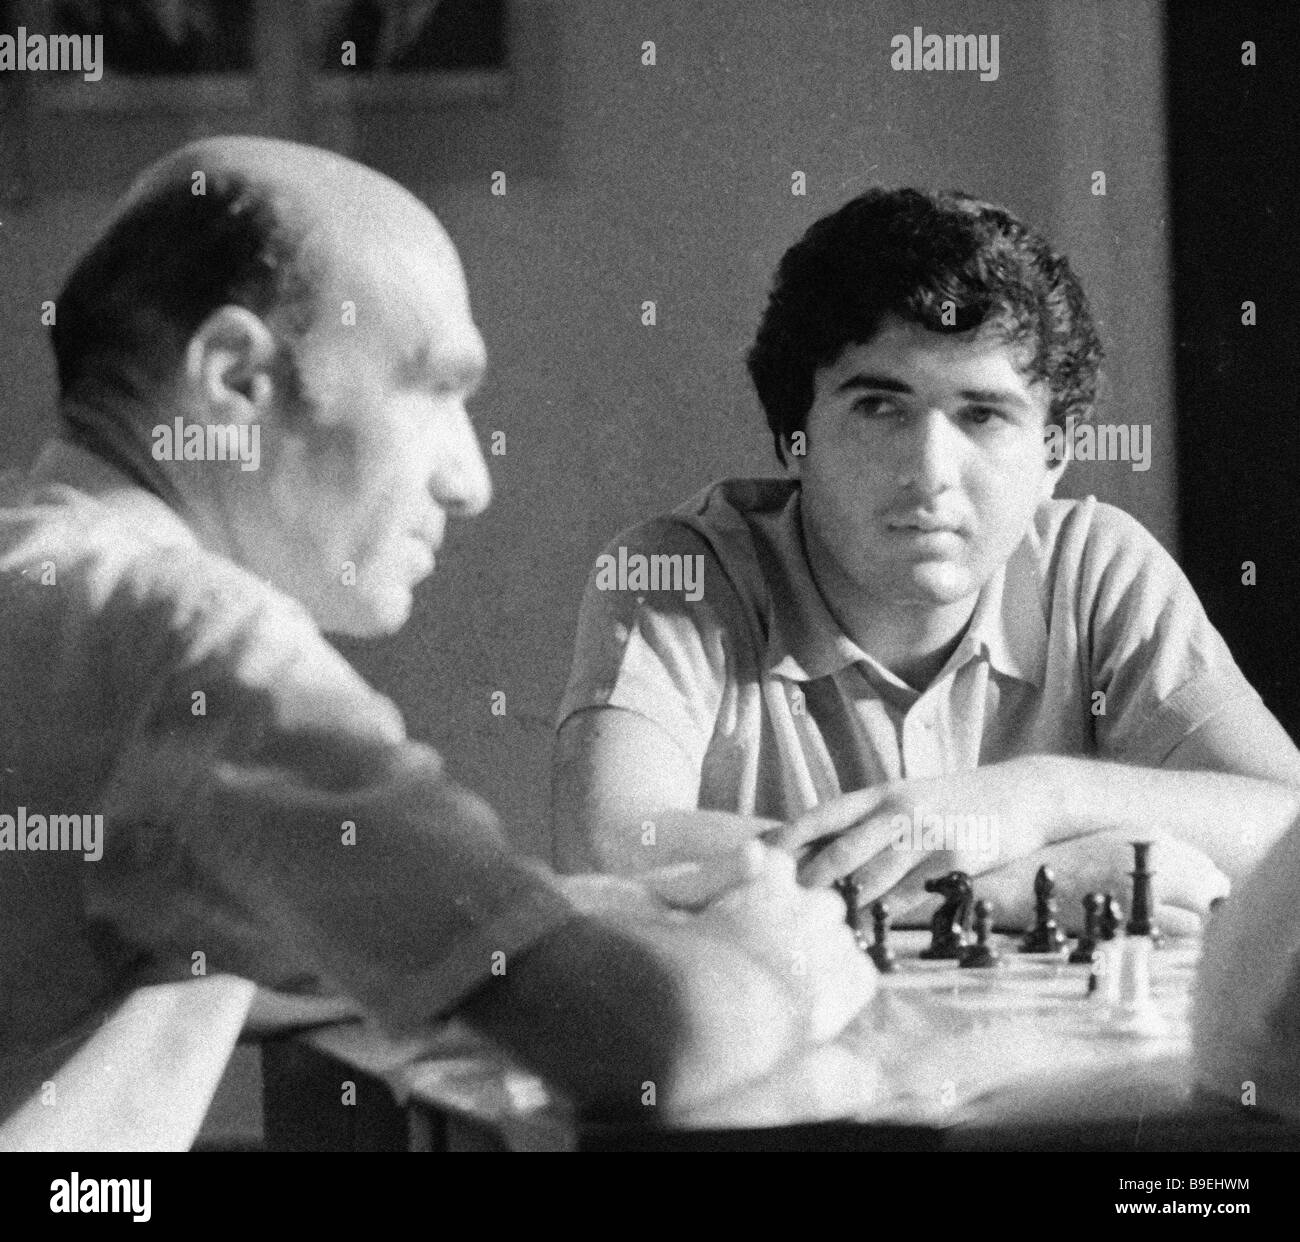 Maestro di scacchi Rafael Vaganyan destra e onorevole pullman di Armenia Akop Mokatsyan sinistra analizzare un gioco Immagini Stock